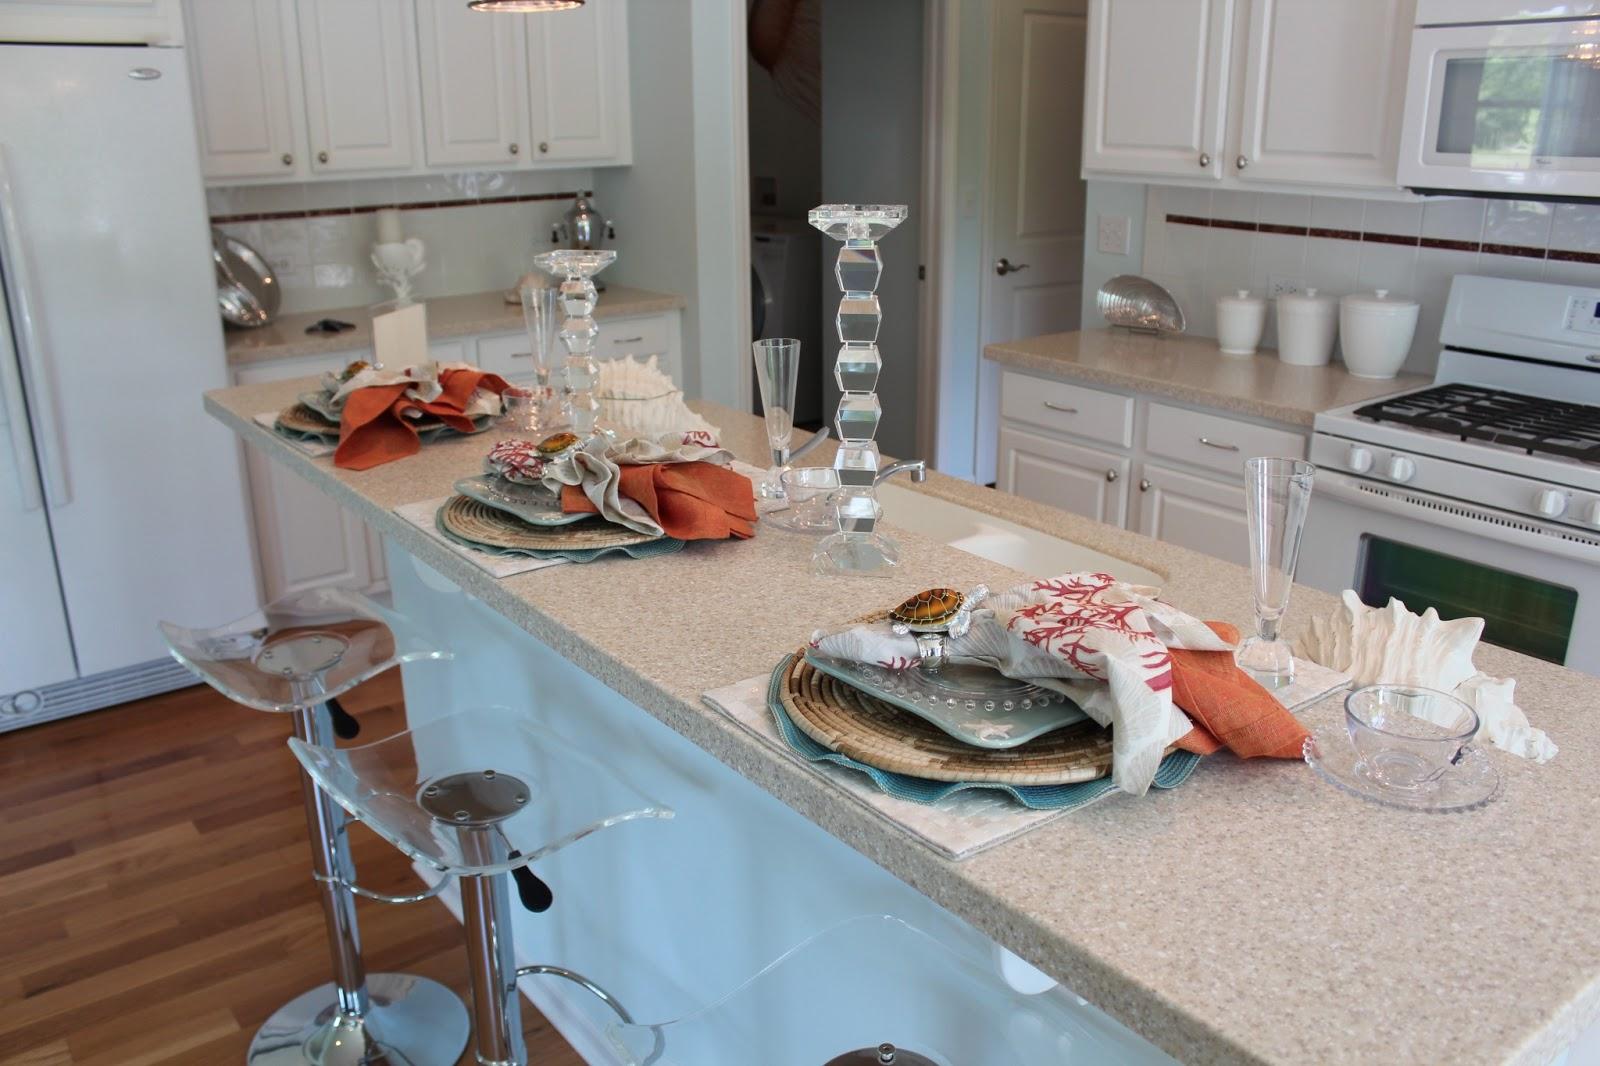 Kitchen countertops benefits of granite quartz and corian Kitchen countertops quartz vs solid surface